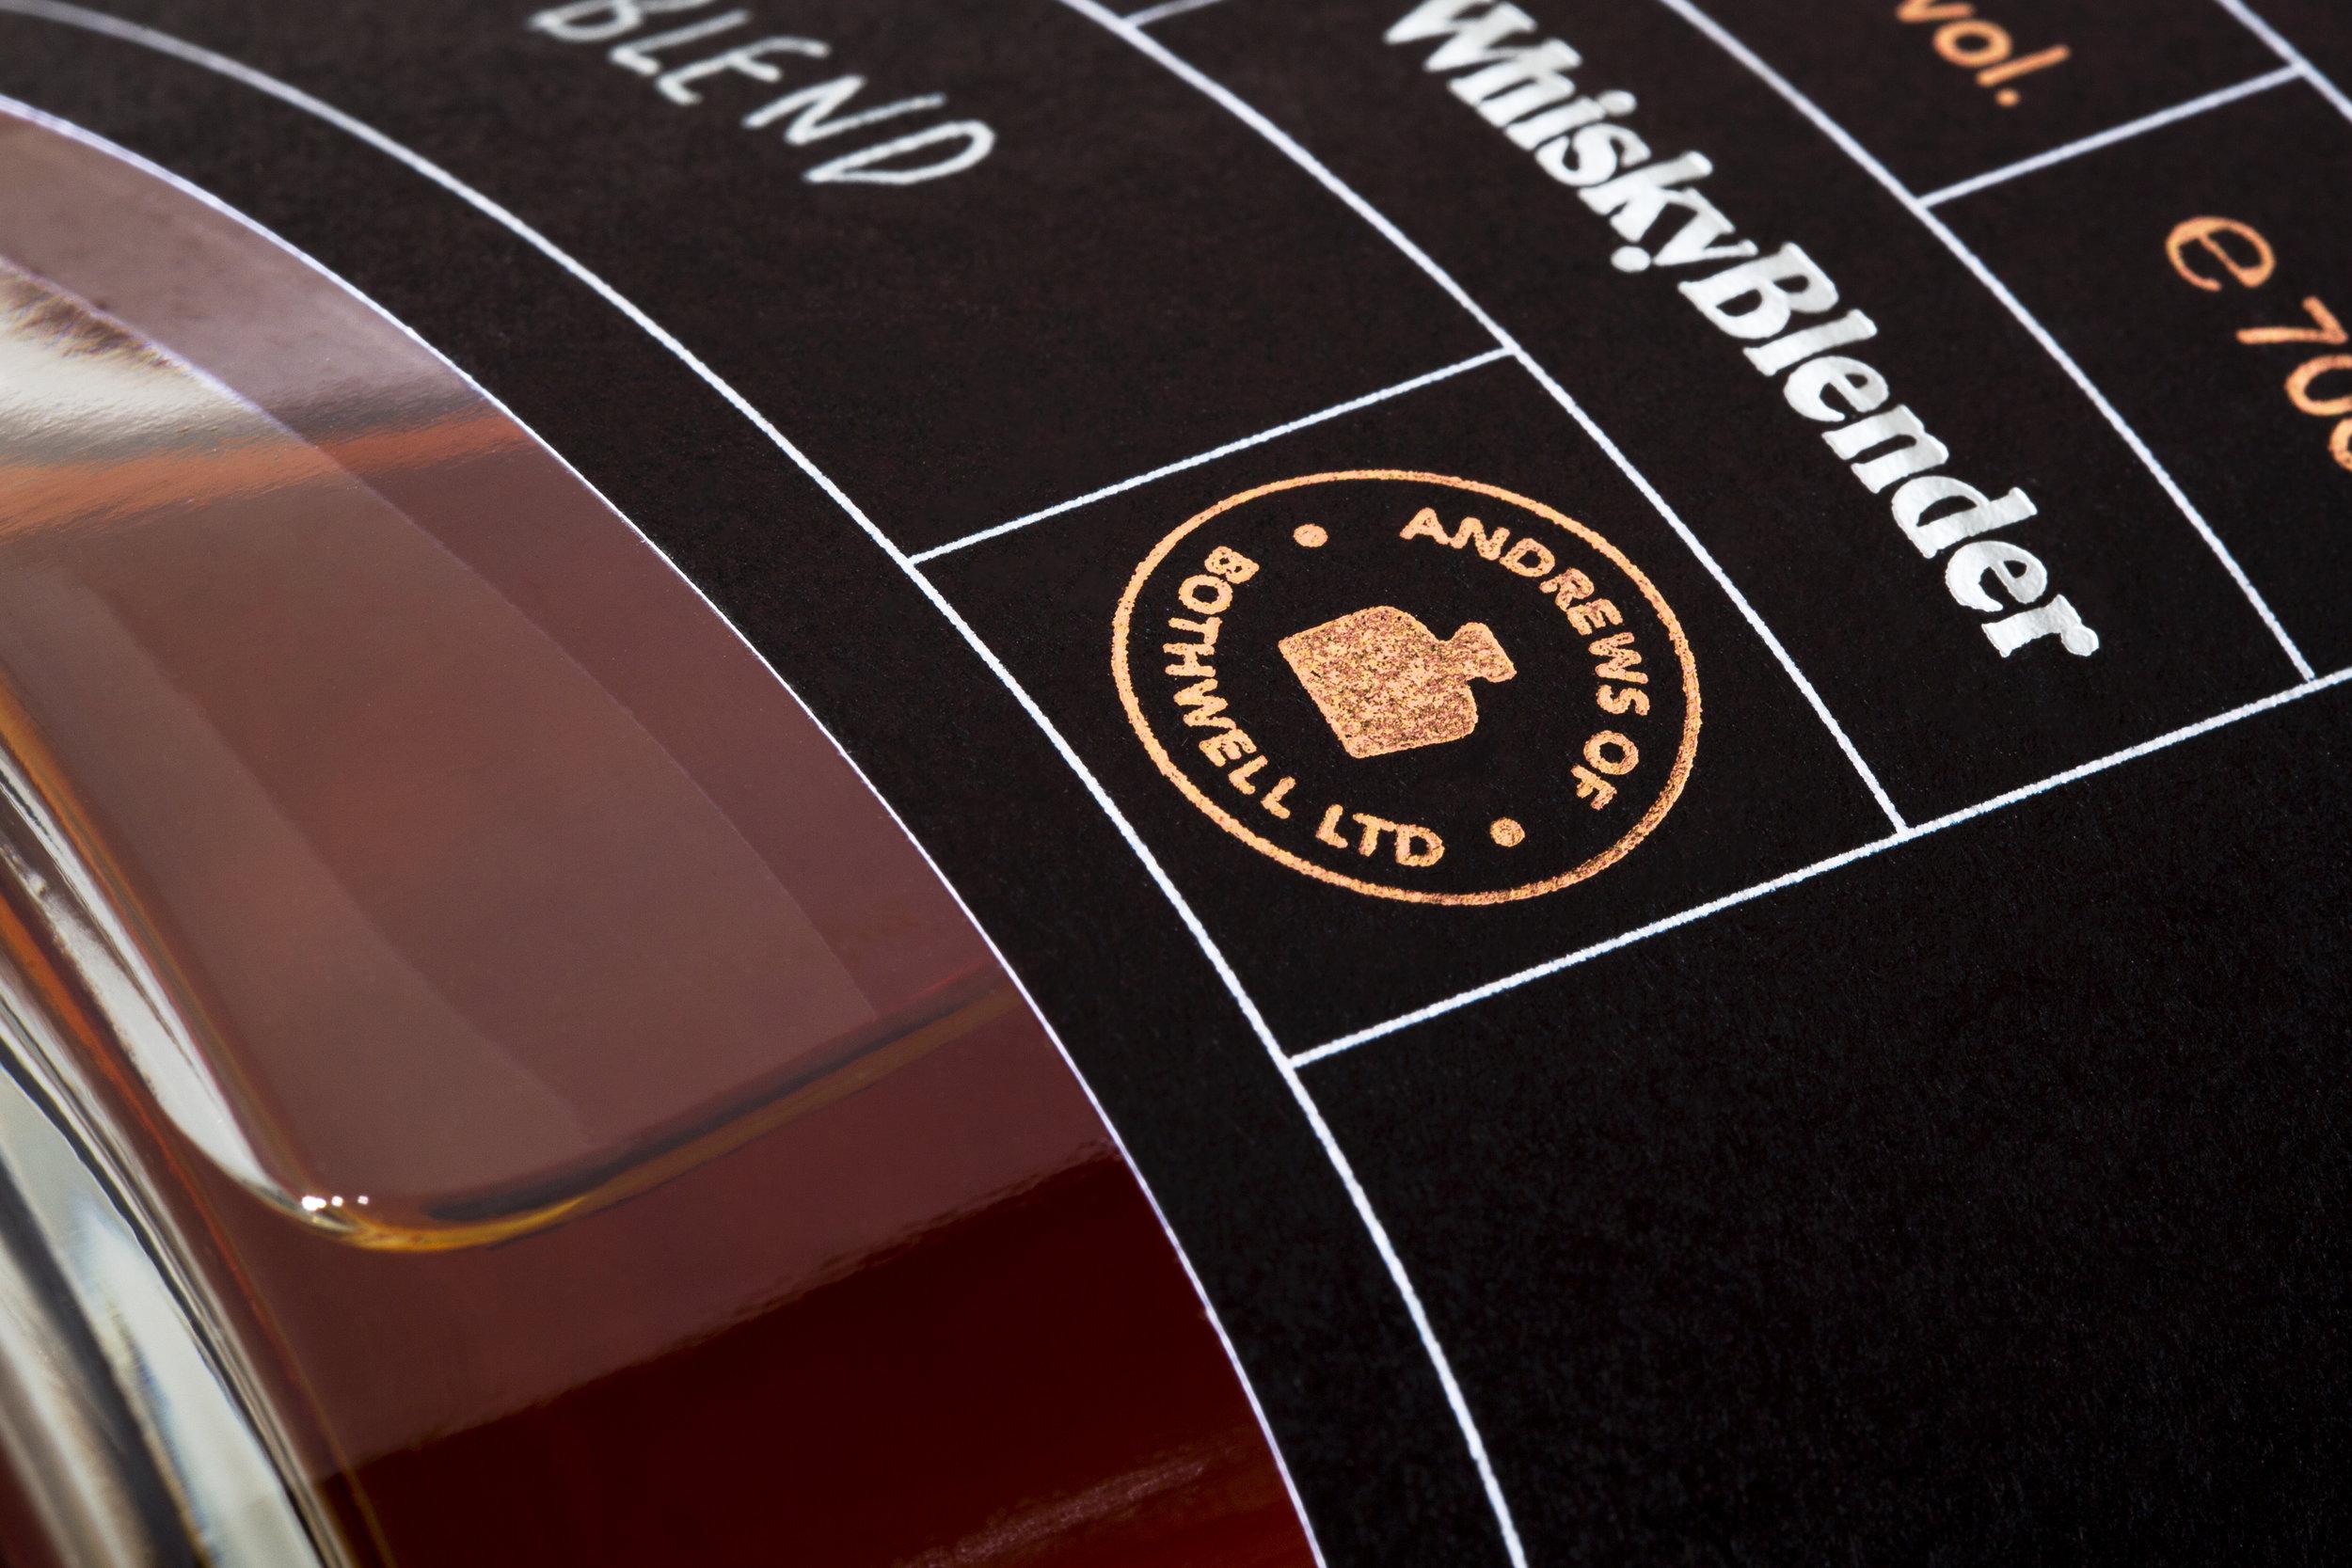 SCastillo_FP_WhiskyBlend_REshoot-4960.JPG